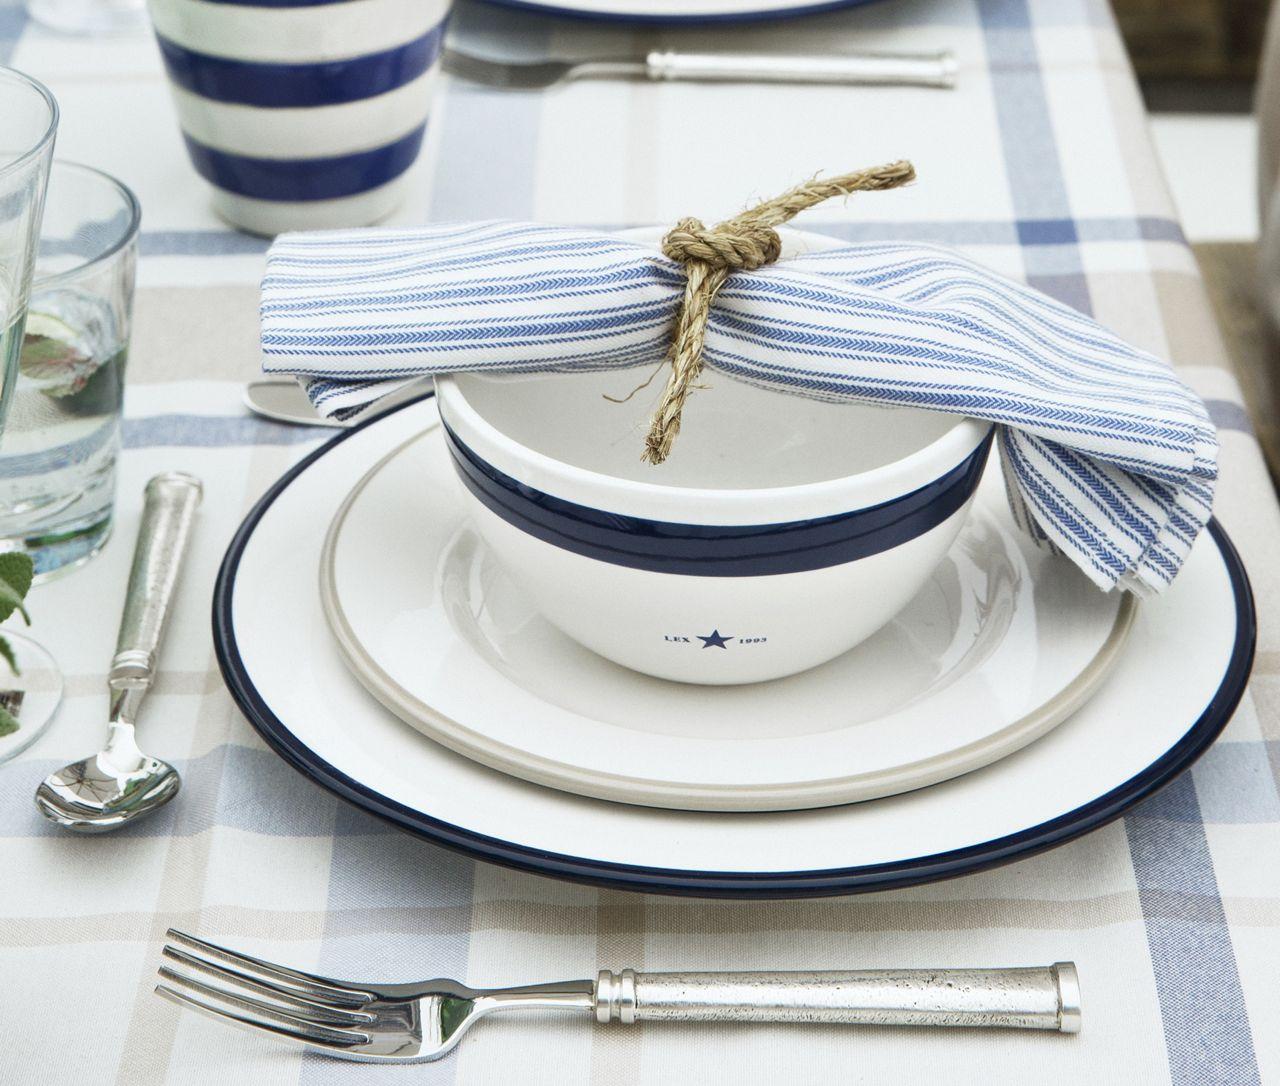 Lexington Essteller Details Weiss Blau 4er Set Details Geschirr Essen Leben Mit Stil